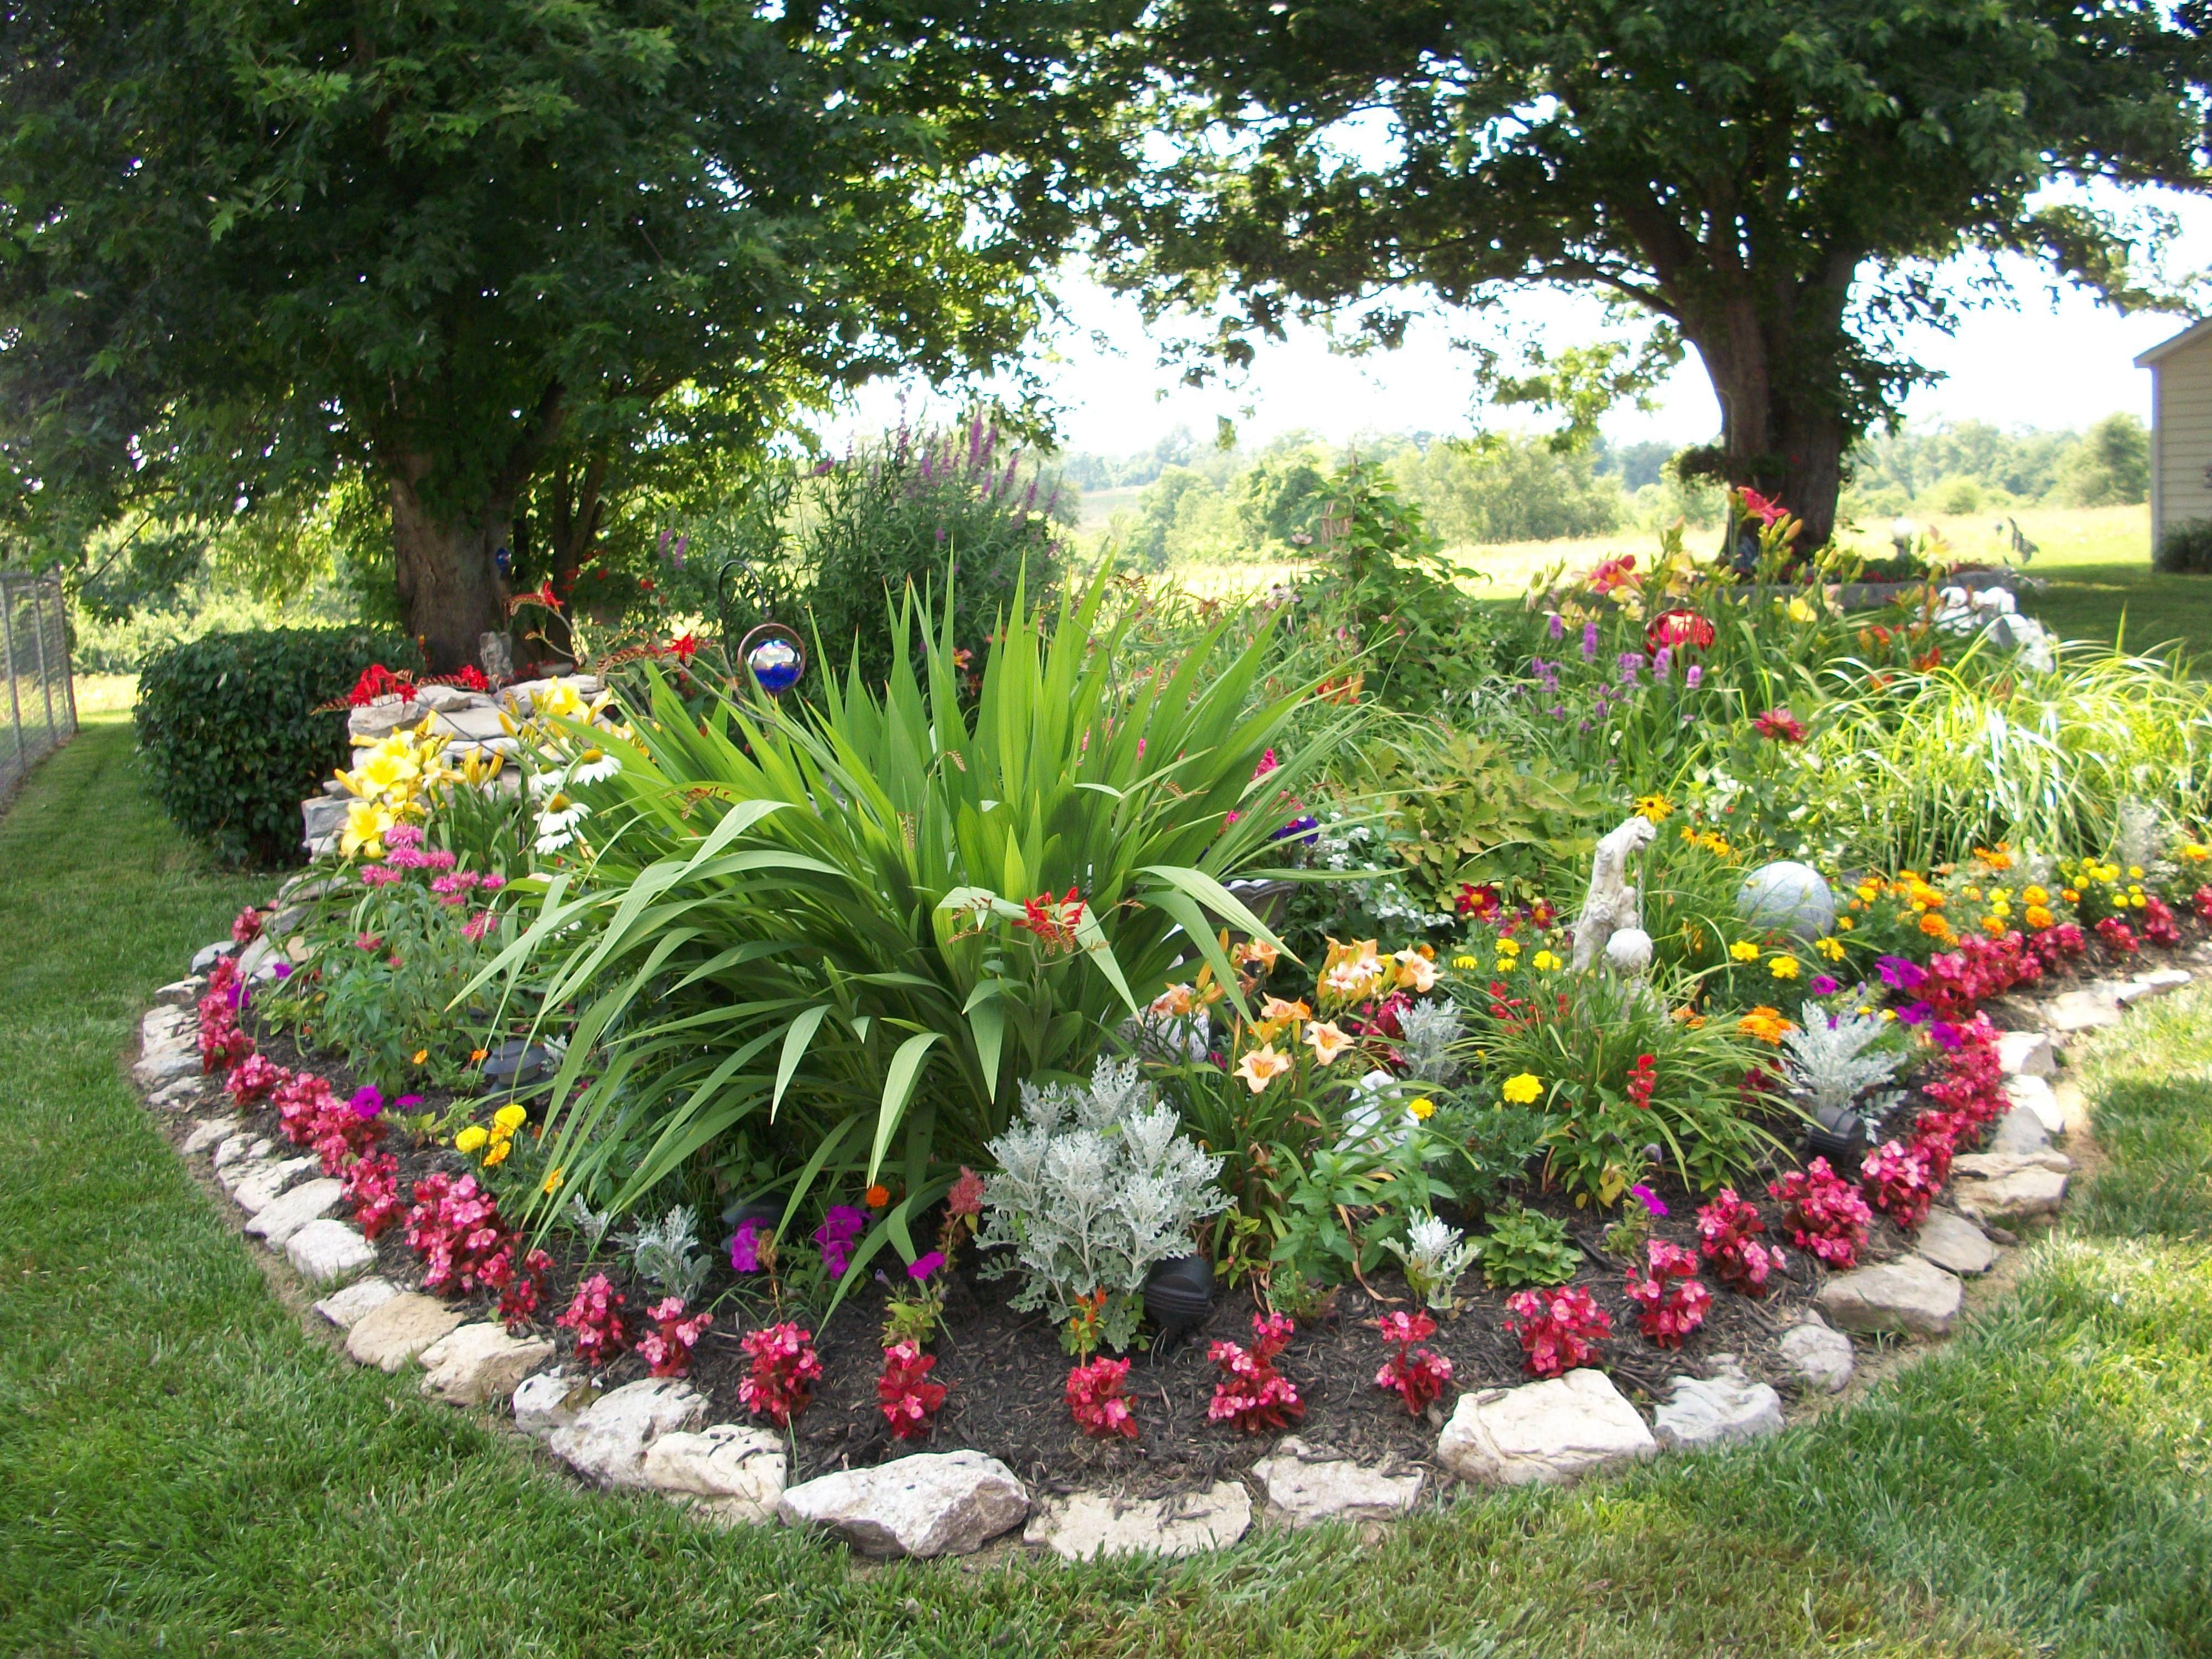 Flower Garden Landscaping Lawn And Garden Garden Landscaping Backyard Landscaping